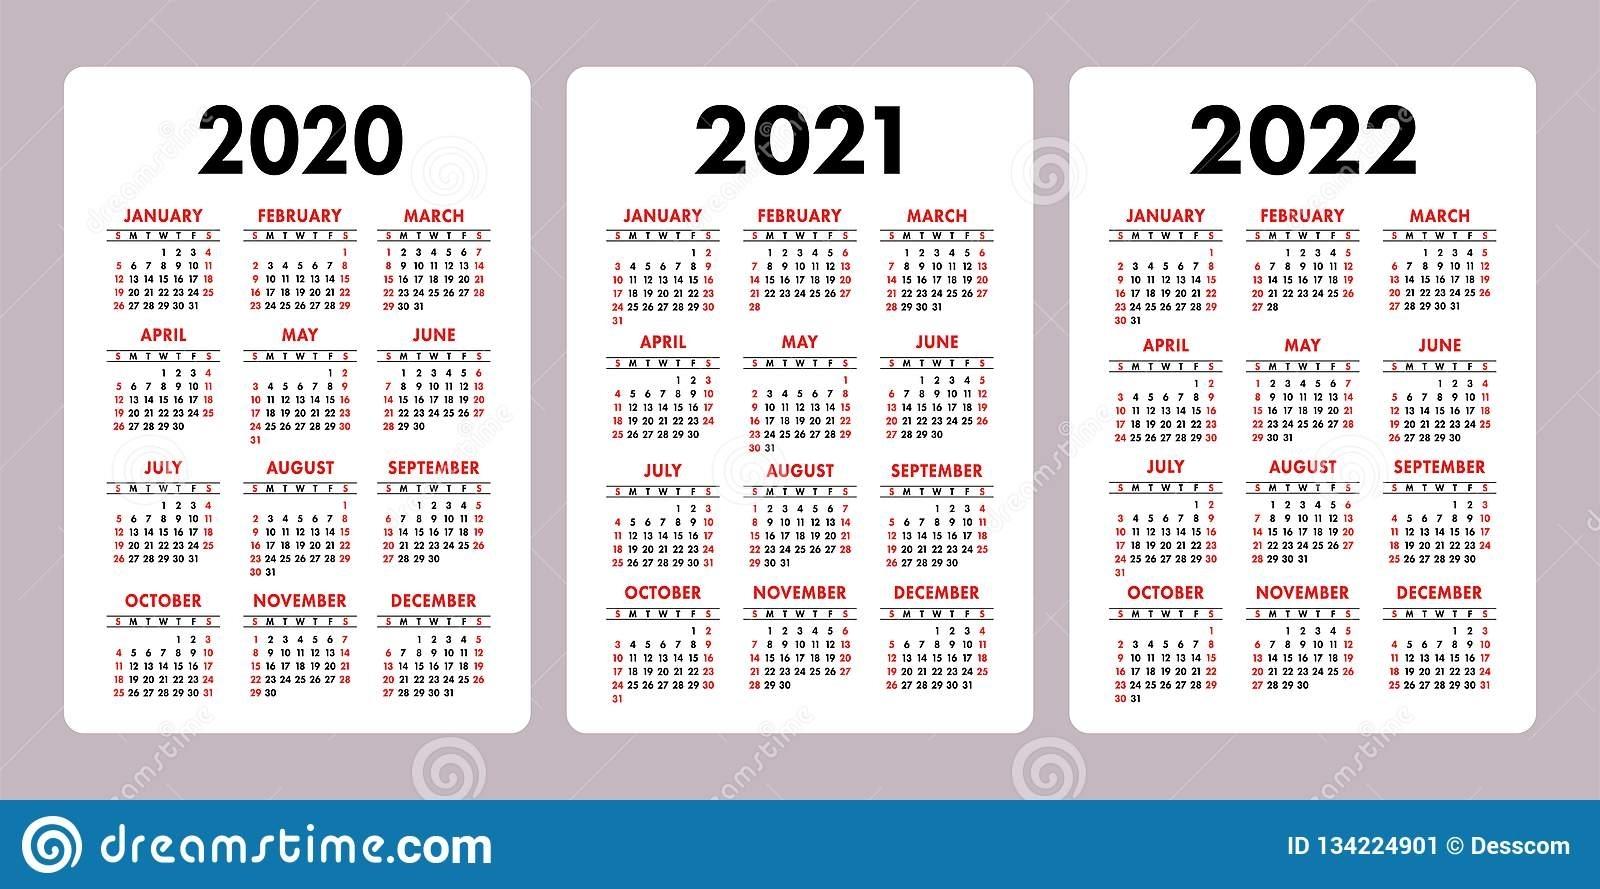 Calendar 2020, 2021, 2022 Years. Vertical Vector Calender with regard to 2020 - 2022 Printable Calendar